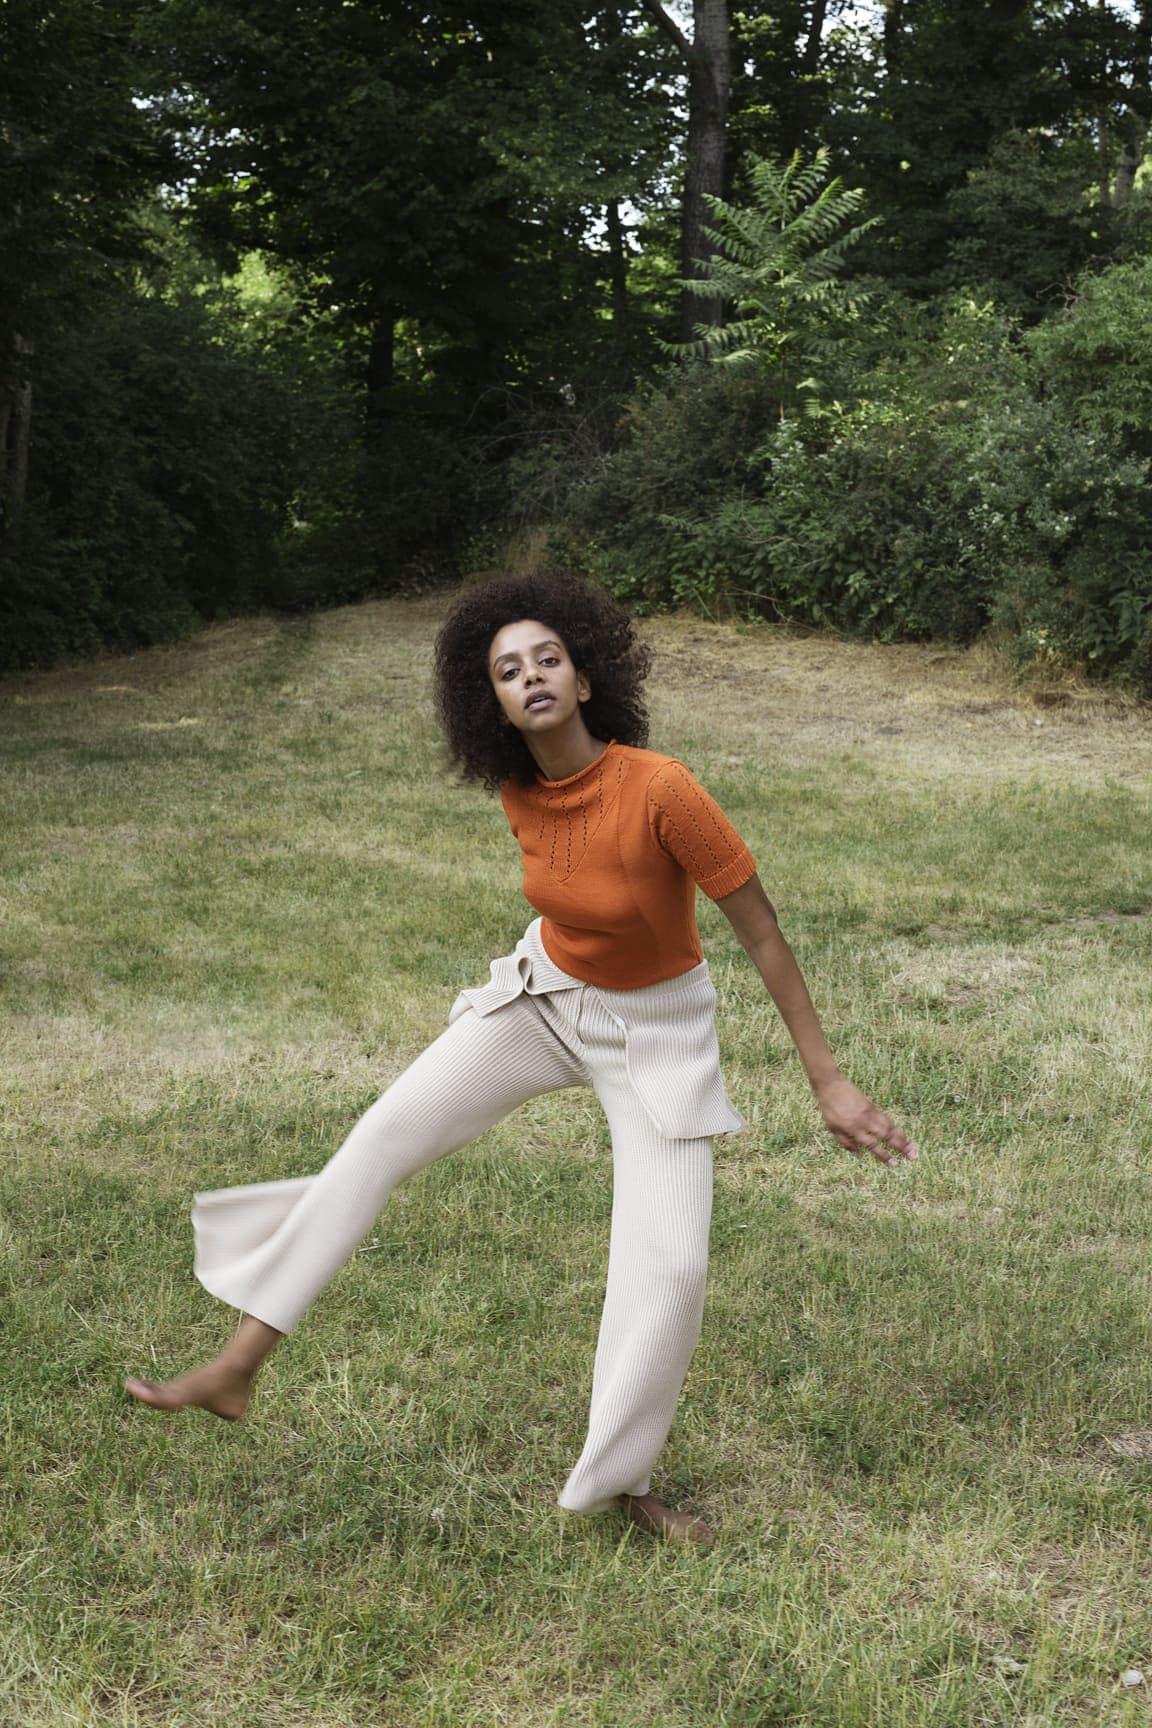 Graciela Huam Spring Summer 2019